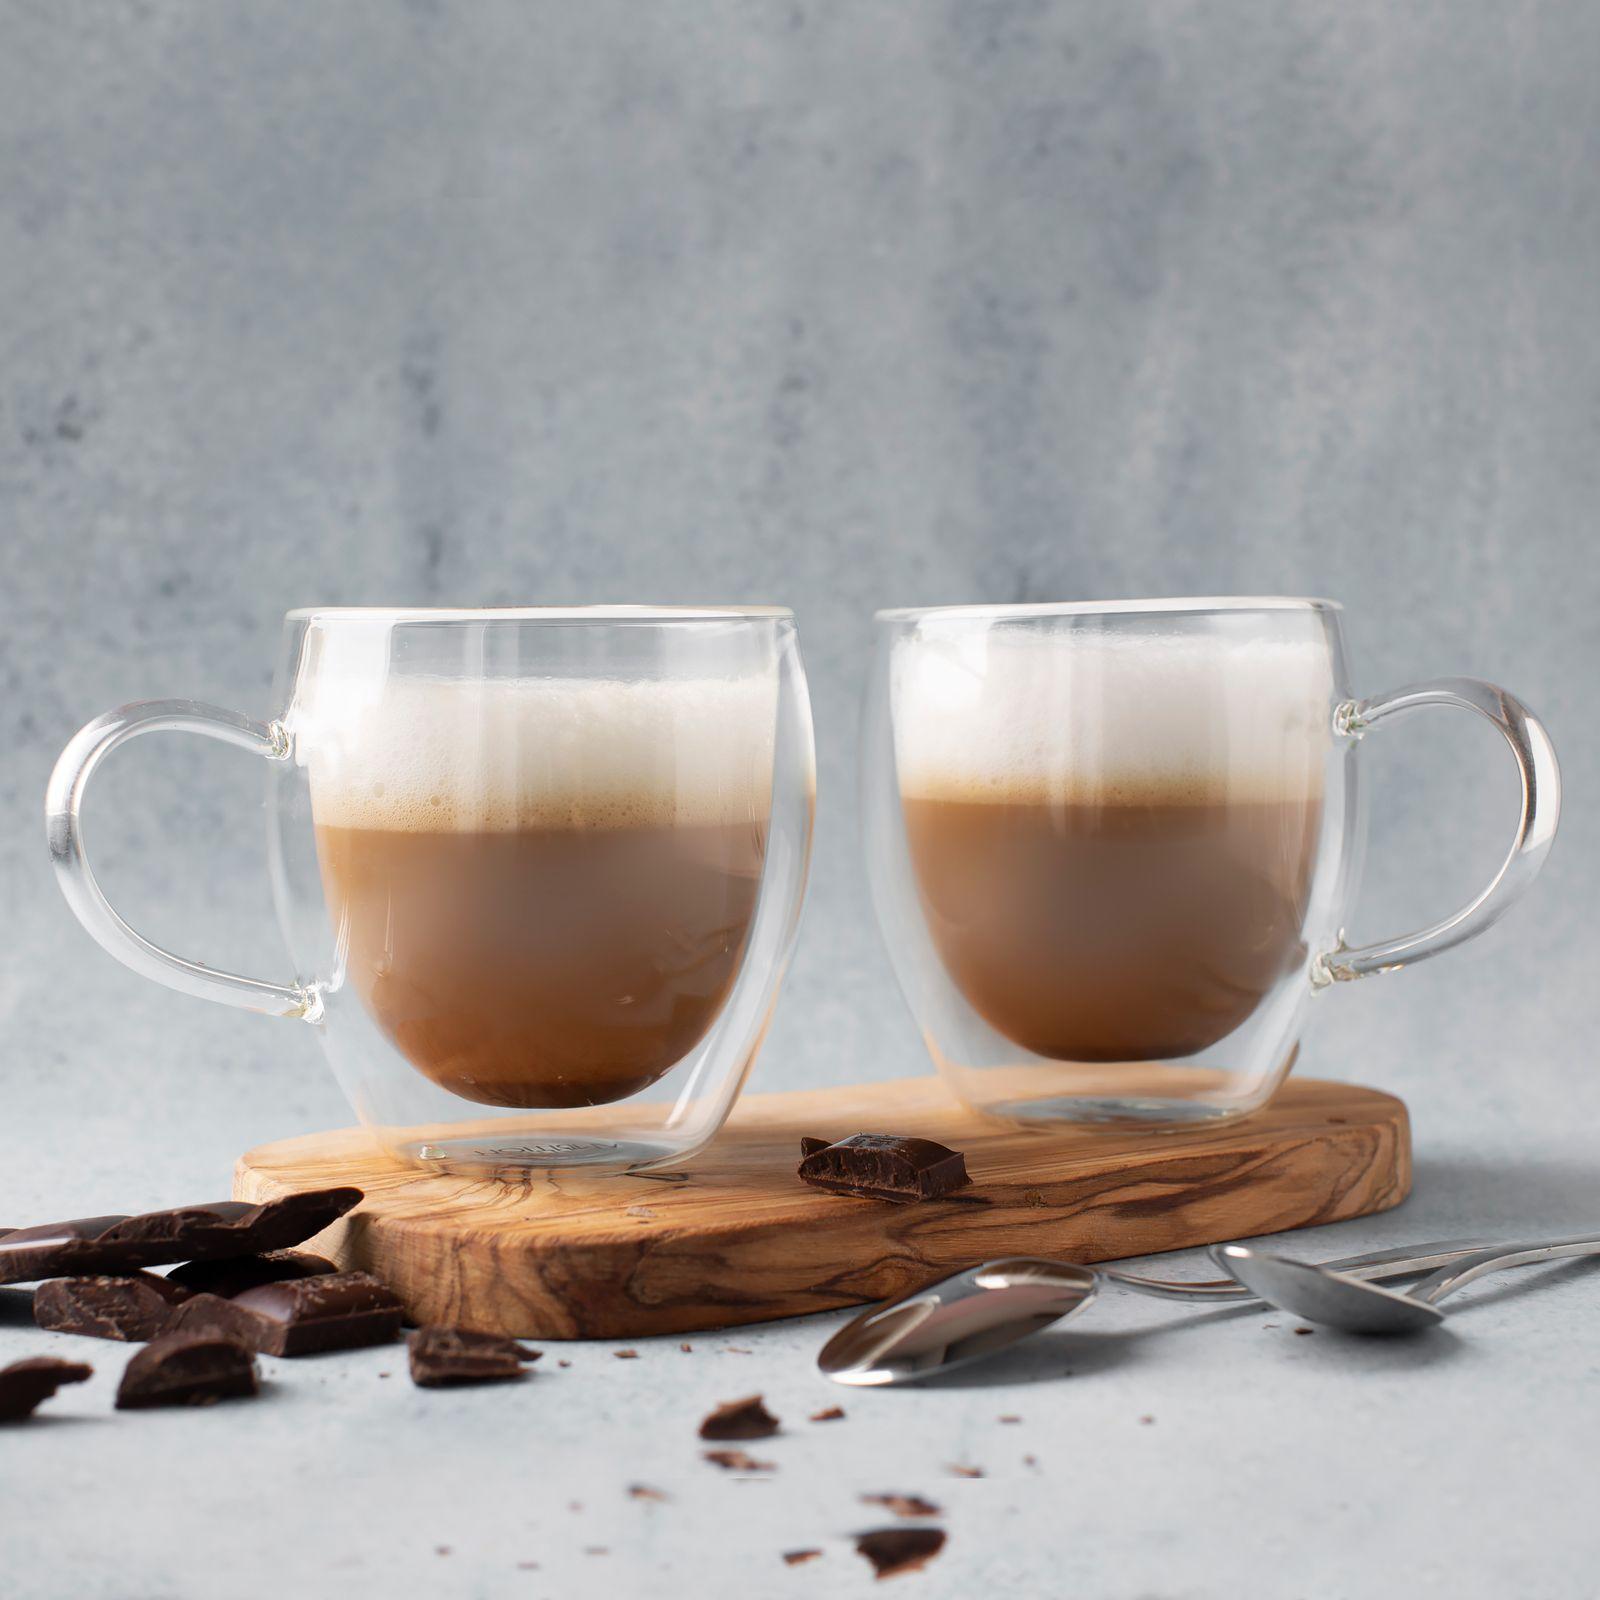 Set of 2 thermic glasses / mugs Mia 250 ml AMBITION